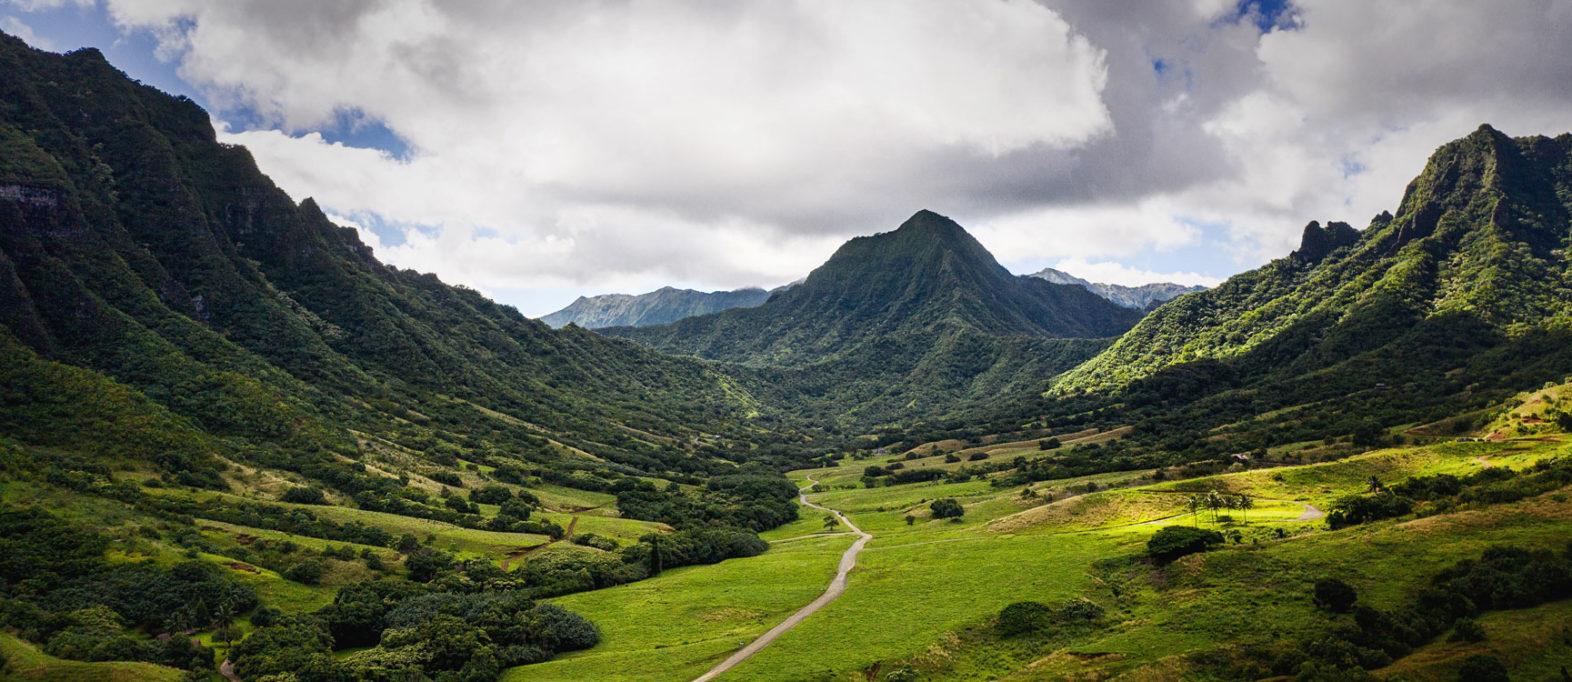 Kualoa Valley in Oahu, Hawaii.